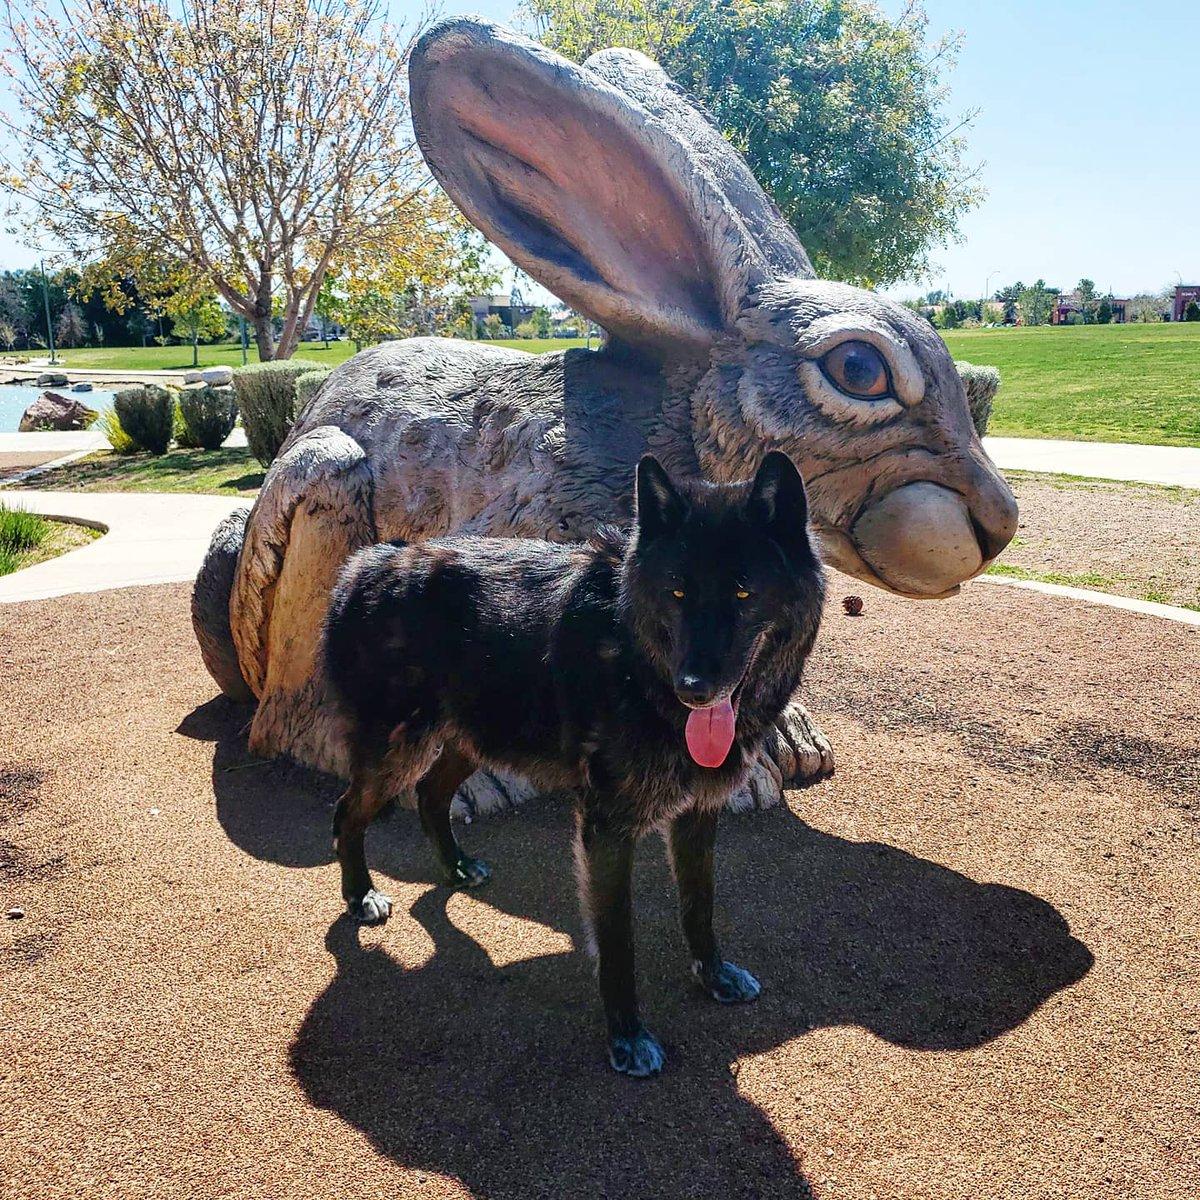 Momma I found a big bunny...can I eat it?  #wolfdog #wolfmix #blackwolf #blackphase #wolfhybrid #realwolfdog #blackphasewolfdogpic.twitter.com/3okr0bzrXN